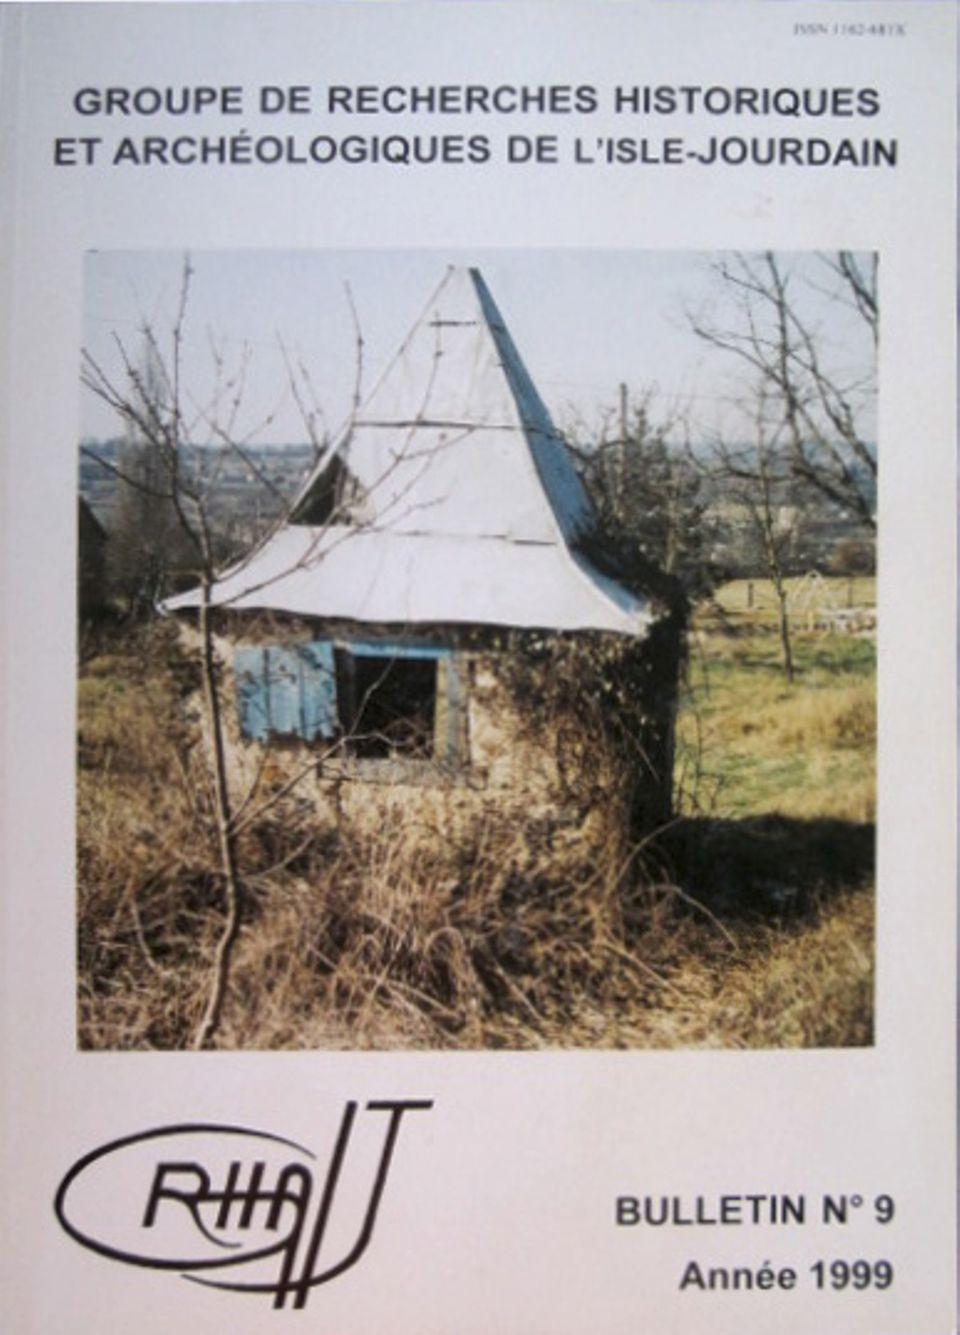 Bulletin du GRHAIJ, Bulletin n°9 - 1999,